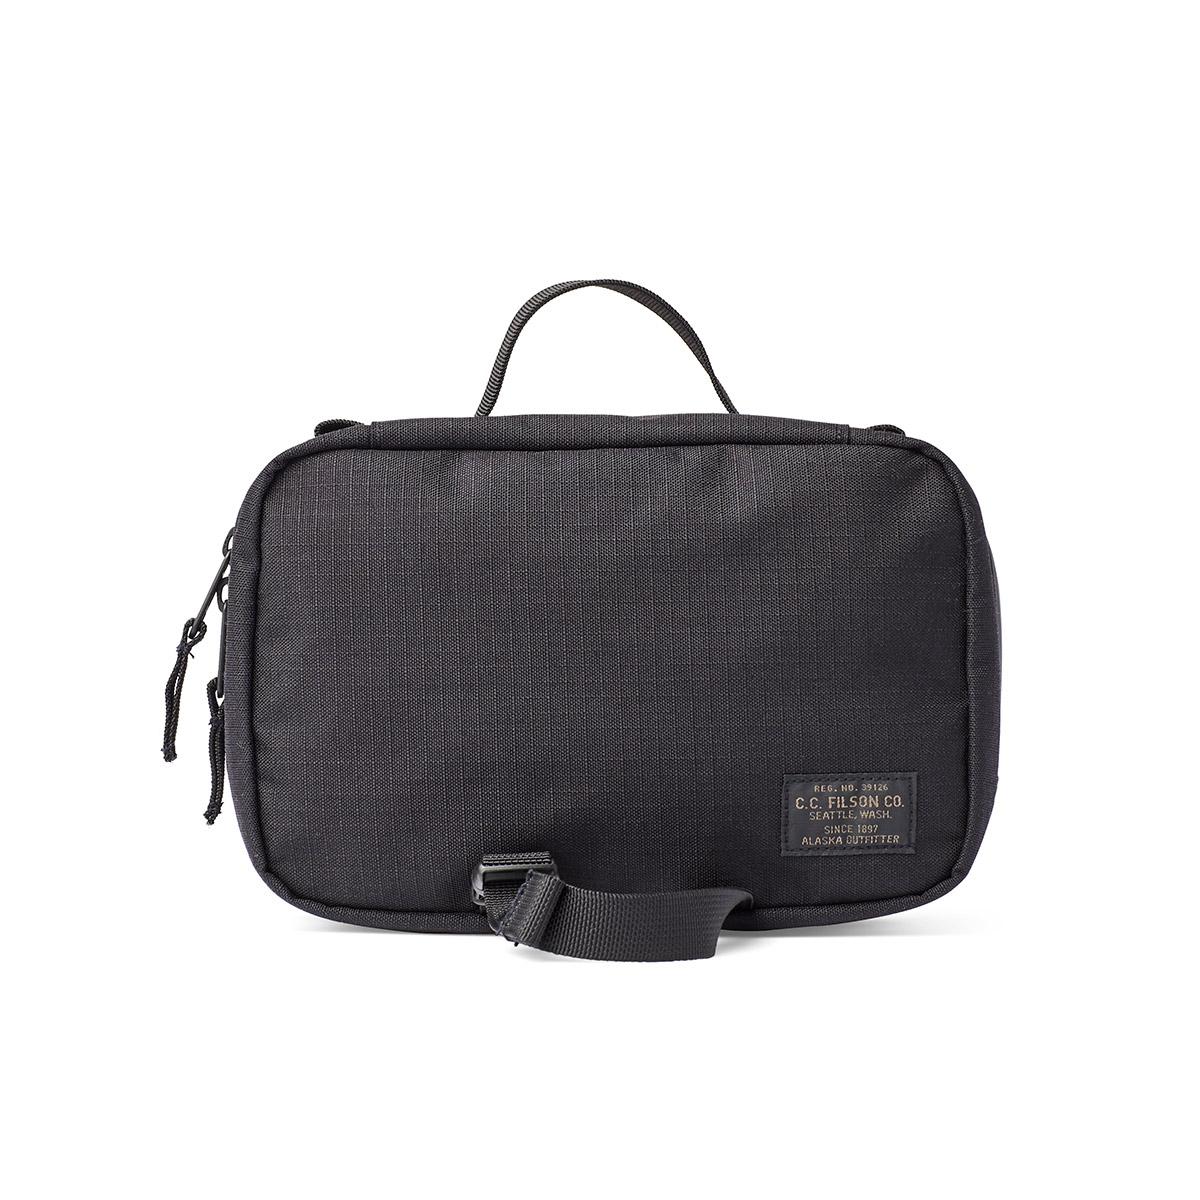 Filson Ripstop Nylon Travel Pack 20115936-Black